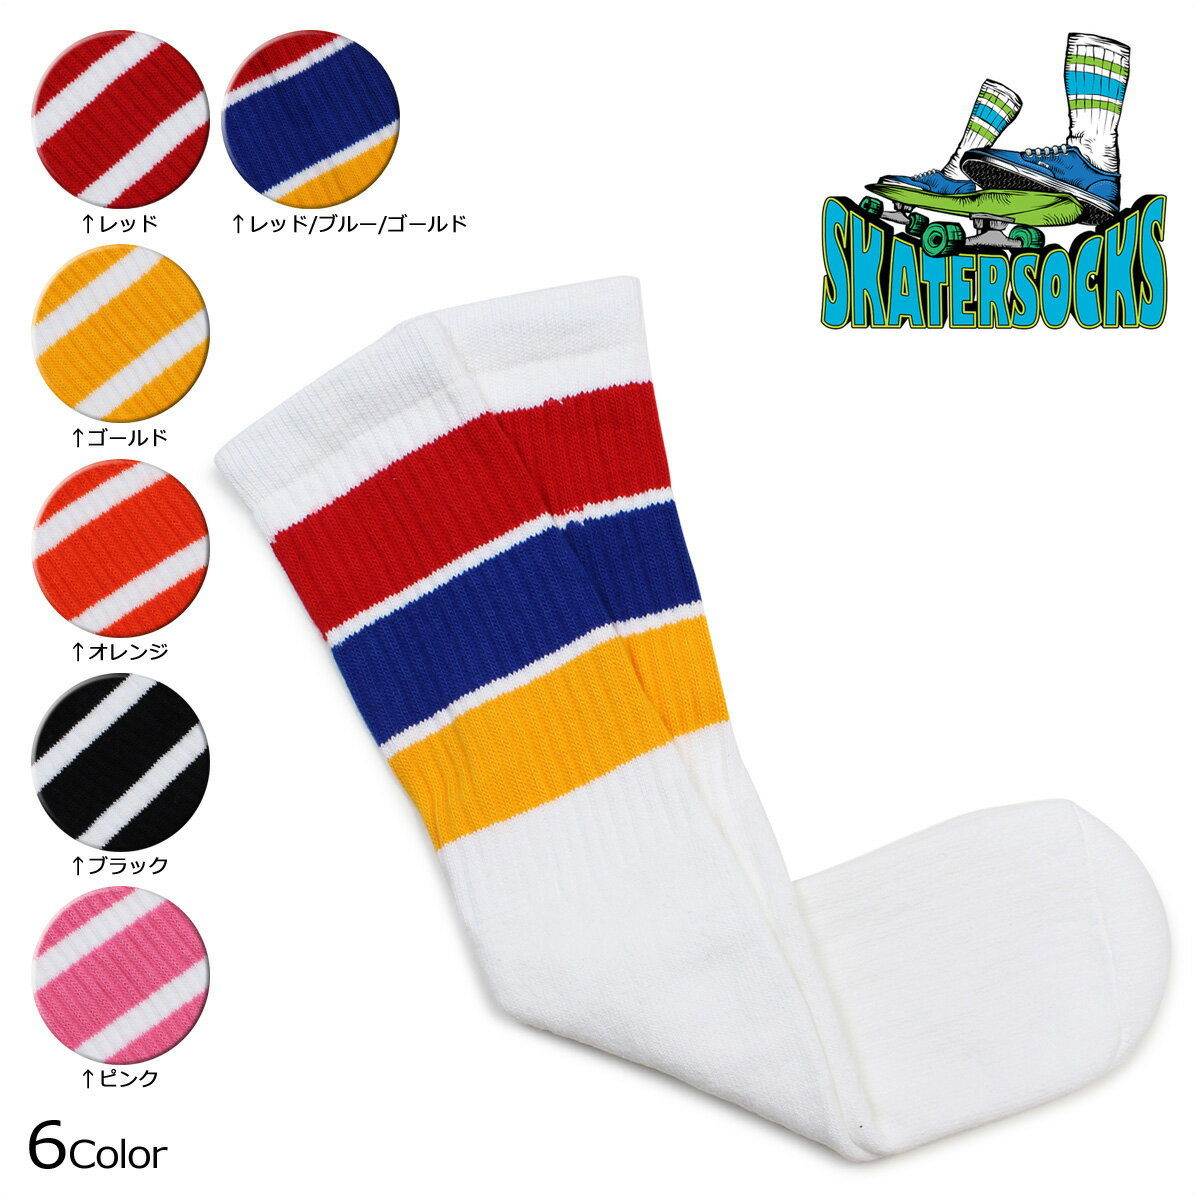 スケーター ソックス Skater Socks チューブソックス 19インチ 靴下 19 INCH MID-CALF STRIPED TUBE SOCKS メンズ レディース 【ネコポス可】